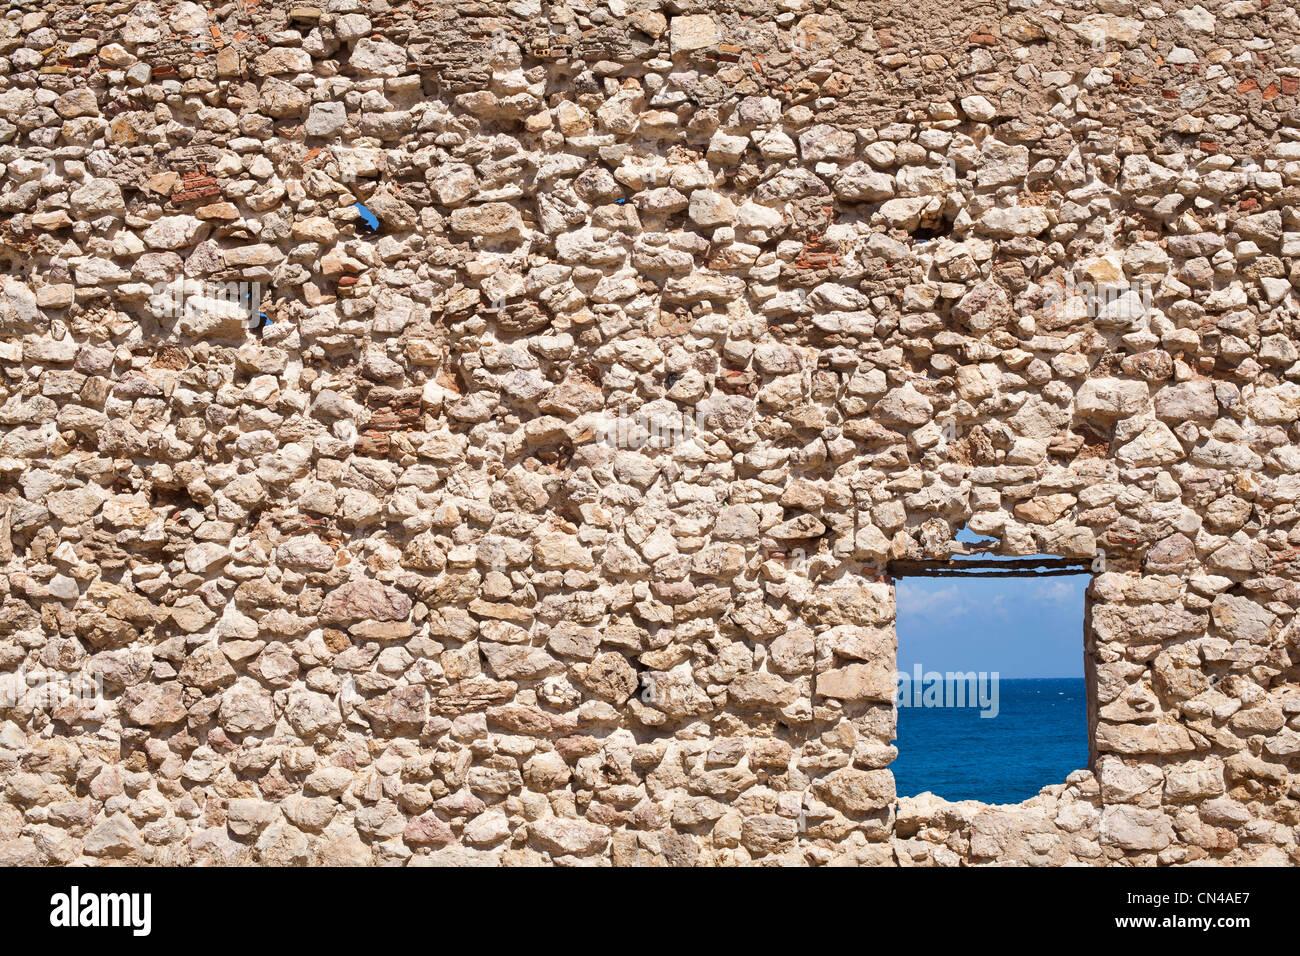 L'Algérie, Tipaza Wilaya Evaluation, Cove, ruine d'une maison avec vue sur la Mer Méditerranée Photo Stock